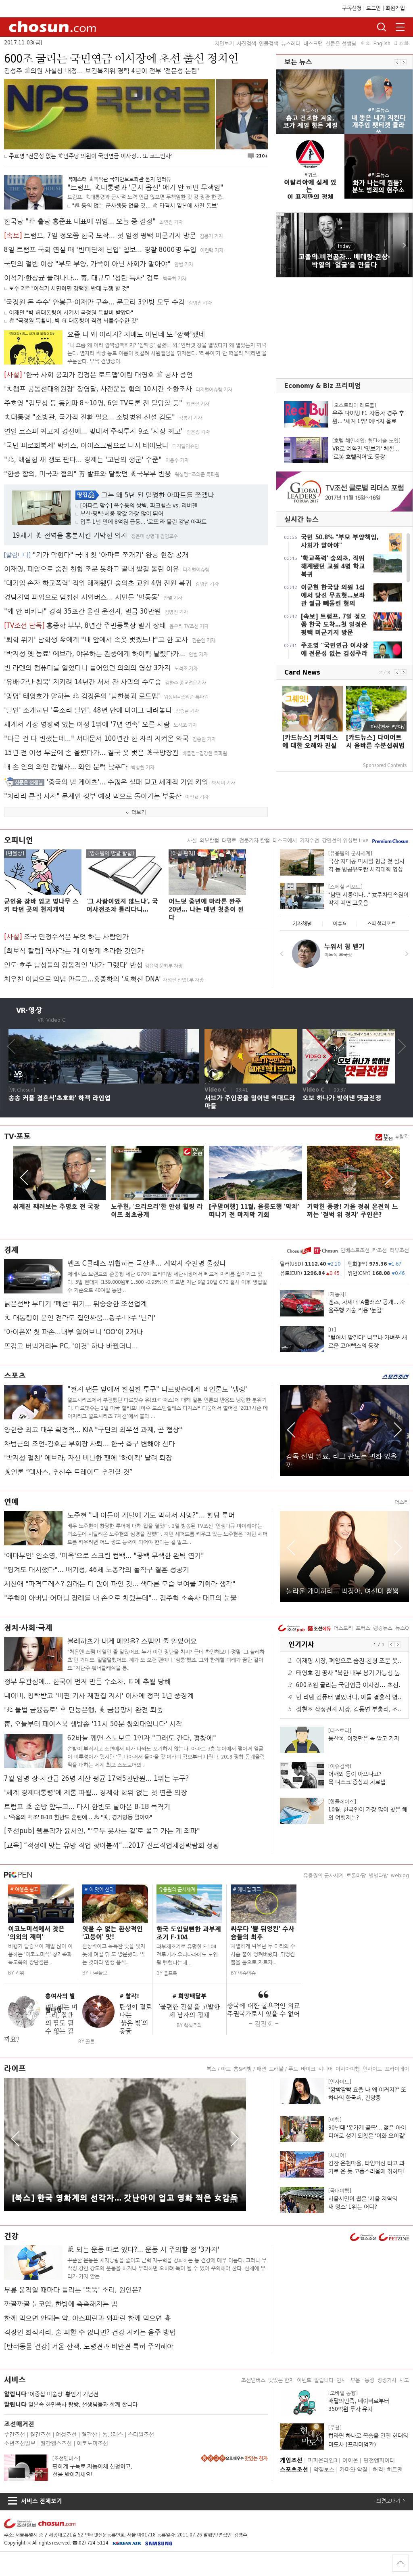 chosun.com at Friday Nov. 3, 2017, 3:01 a.m. UTC